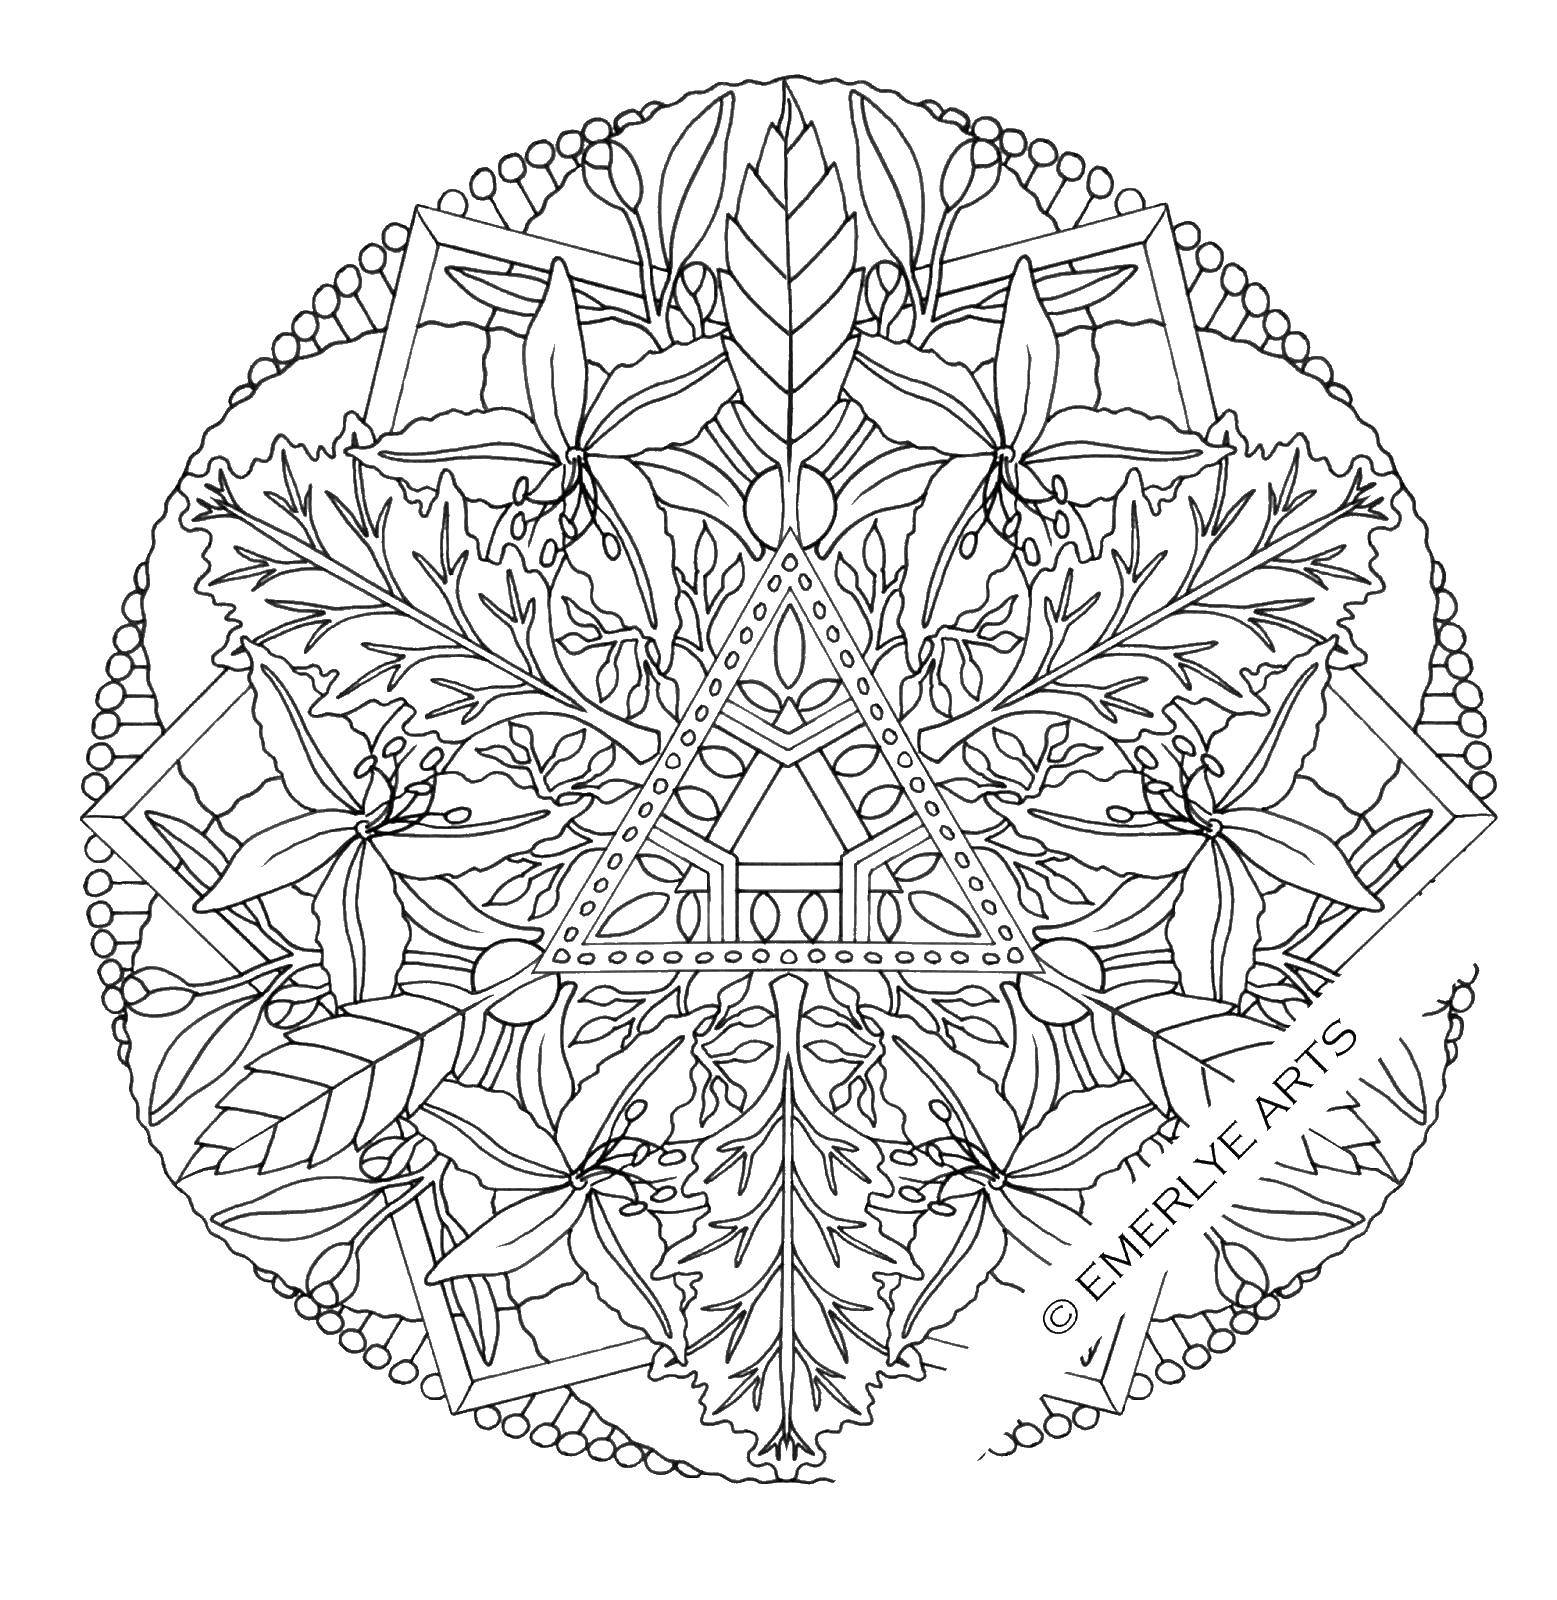 Раскраска Узорчики с цветочками. Скачать узоры, цветочки, узор..  Распечатать ,узоры,